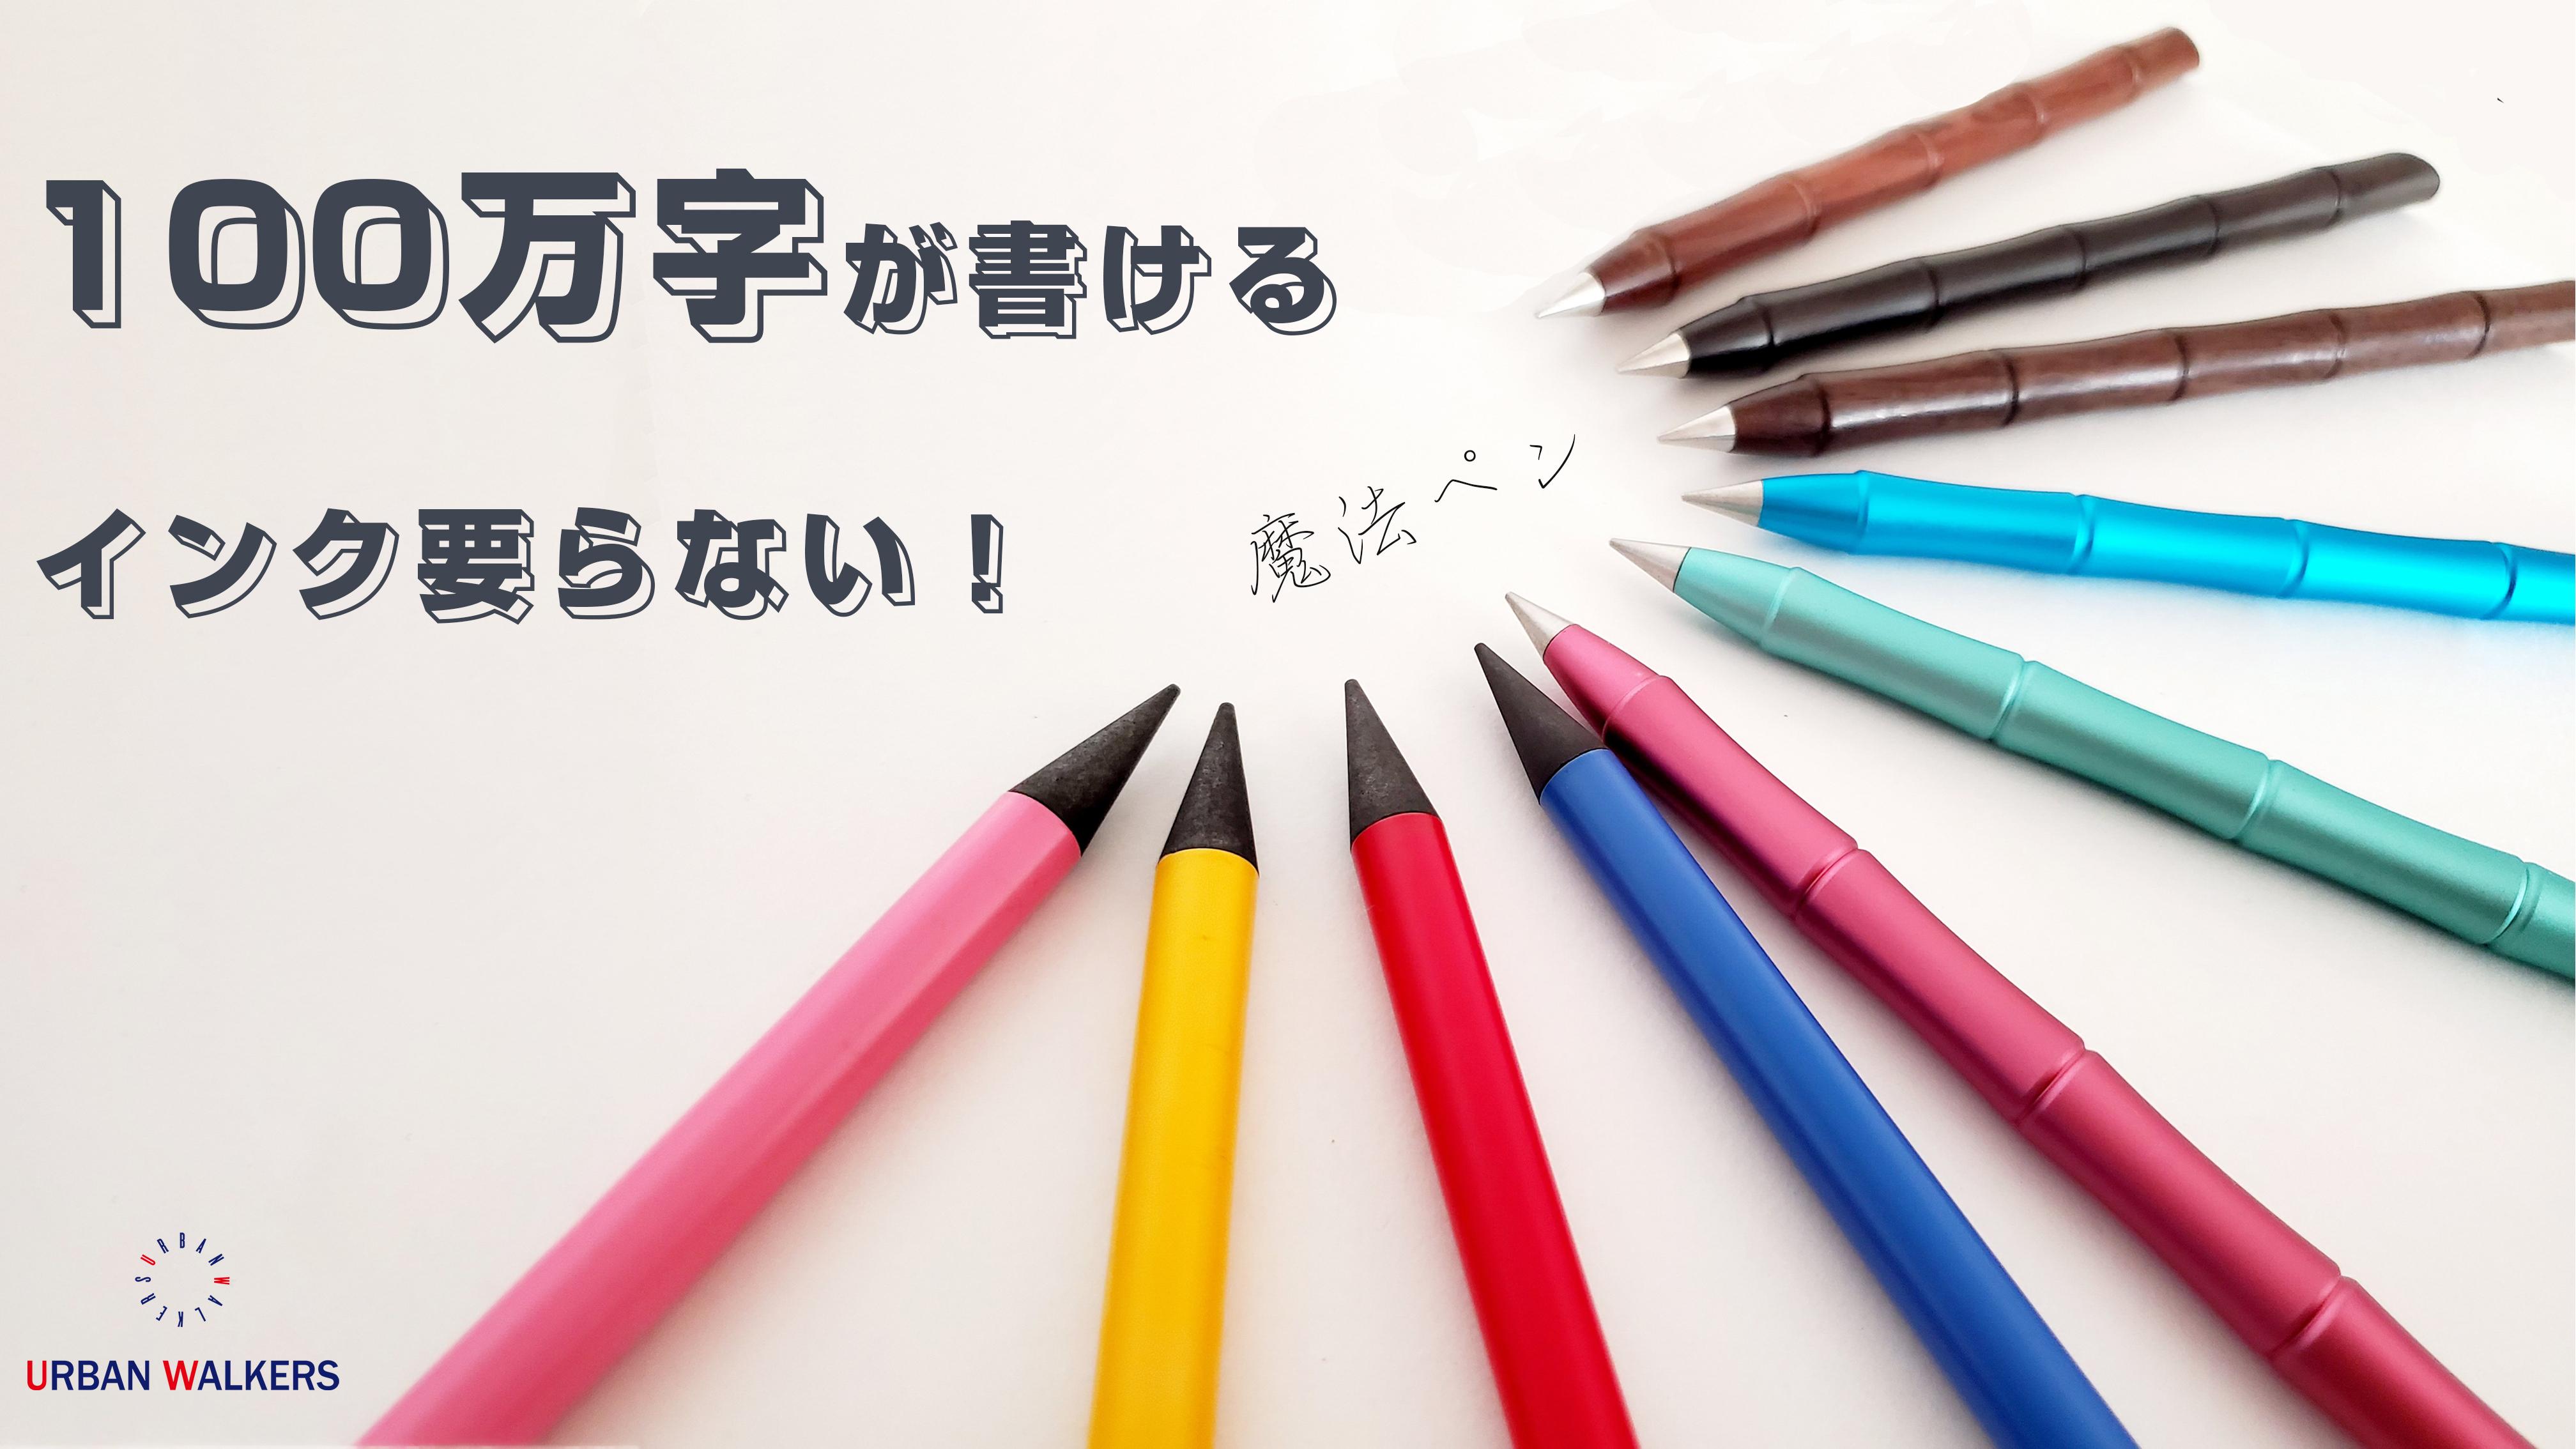 【即納】ず~と使えるズットペン エバーペンシル   インクが要らないのに、1本で100万字かける 特殊合金金属